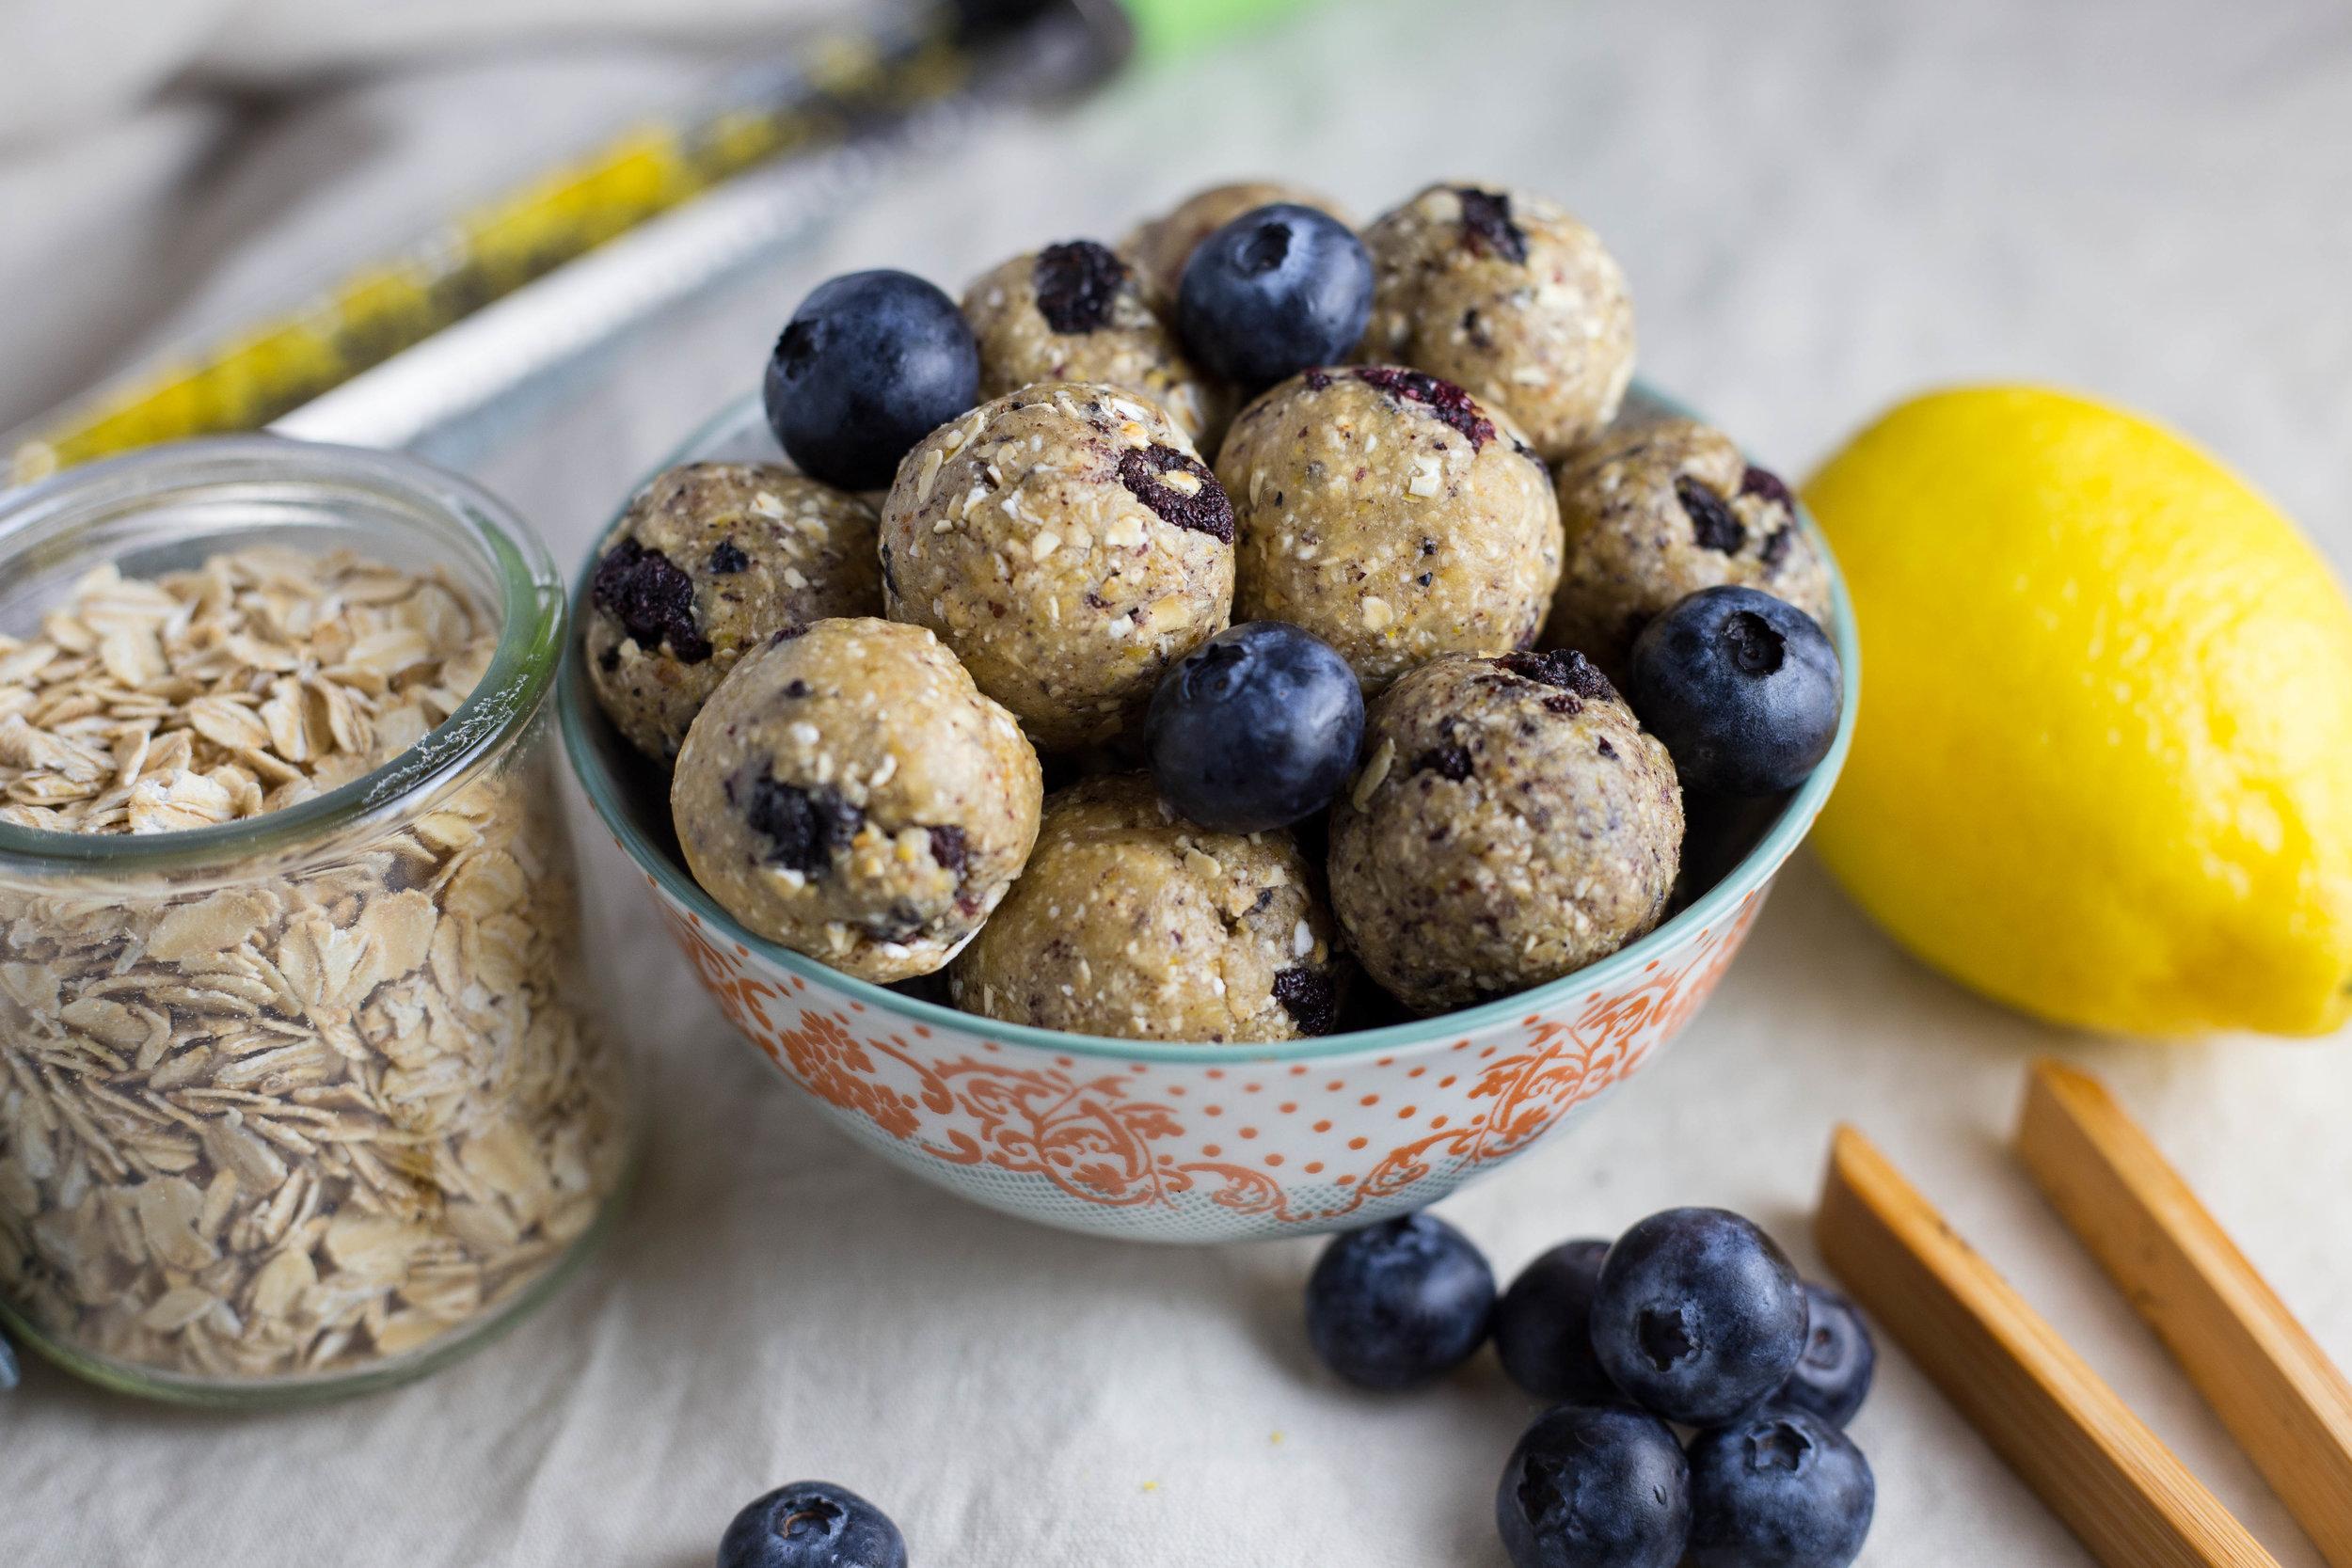 Blueberry-lemon energybites3.jpg